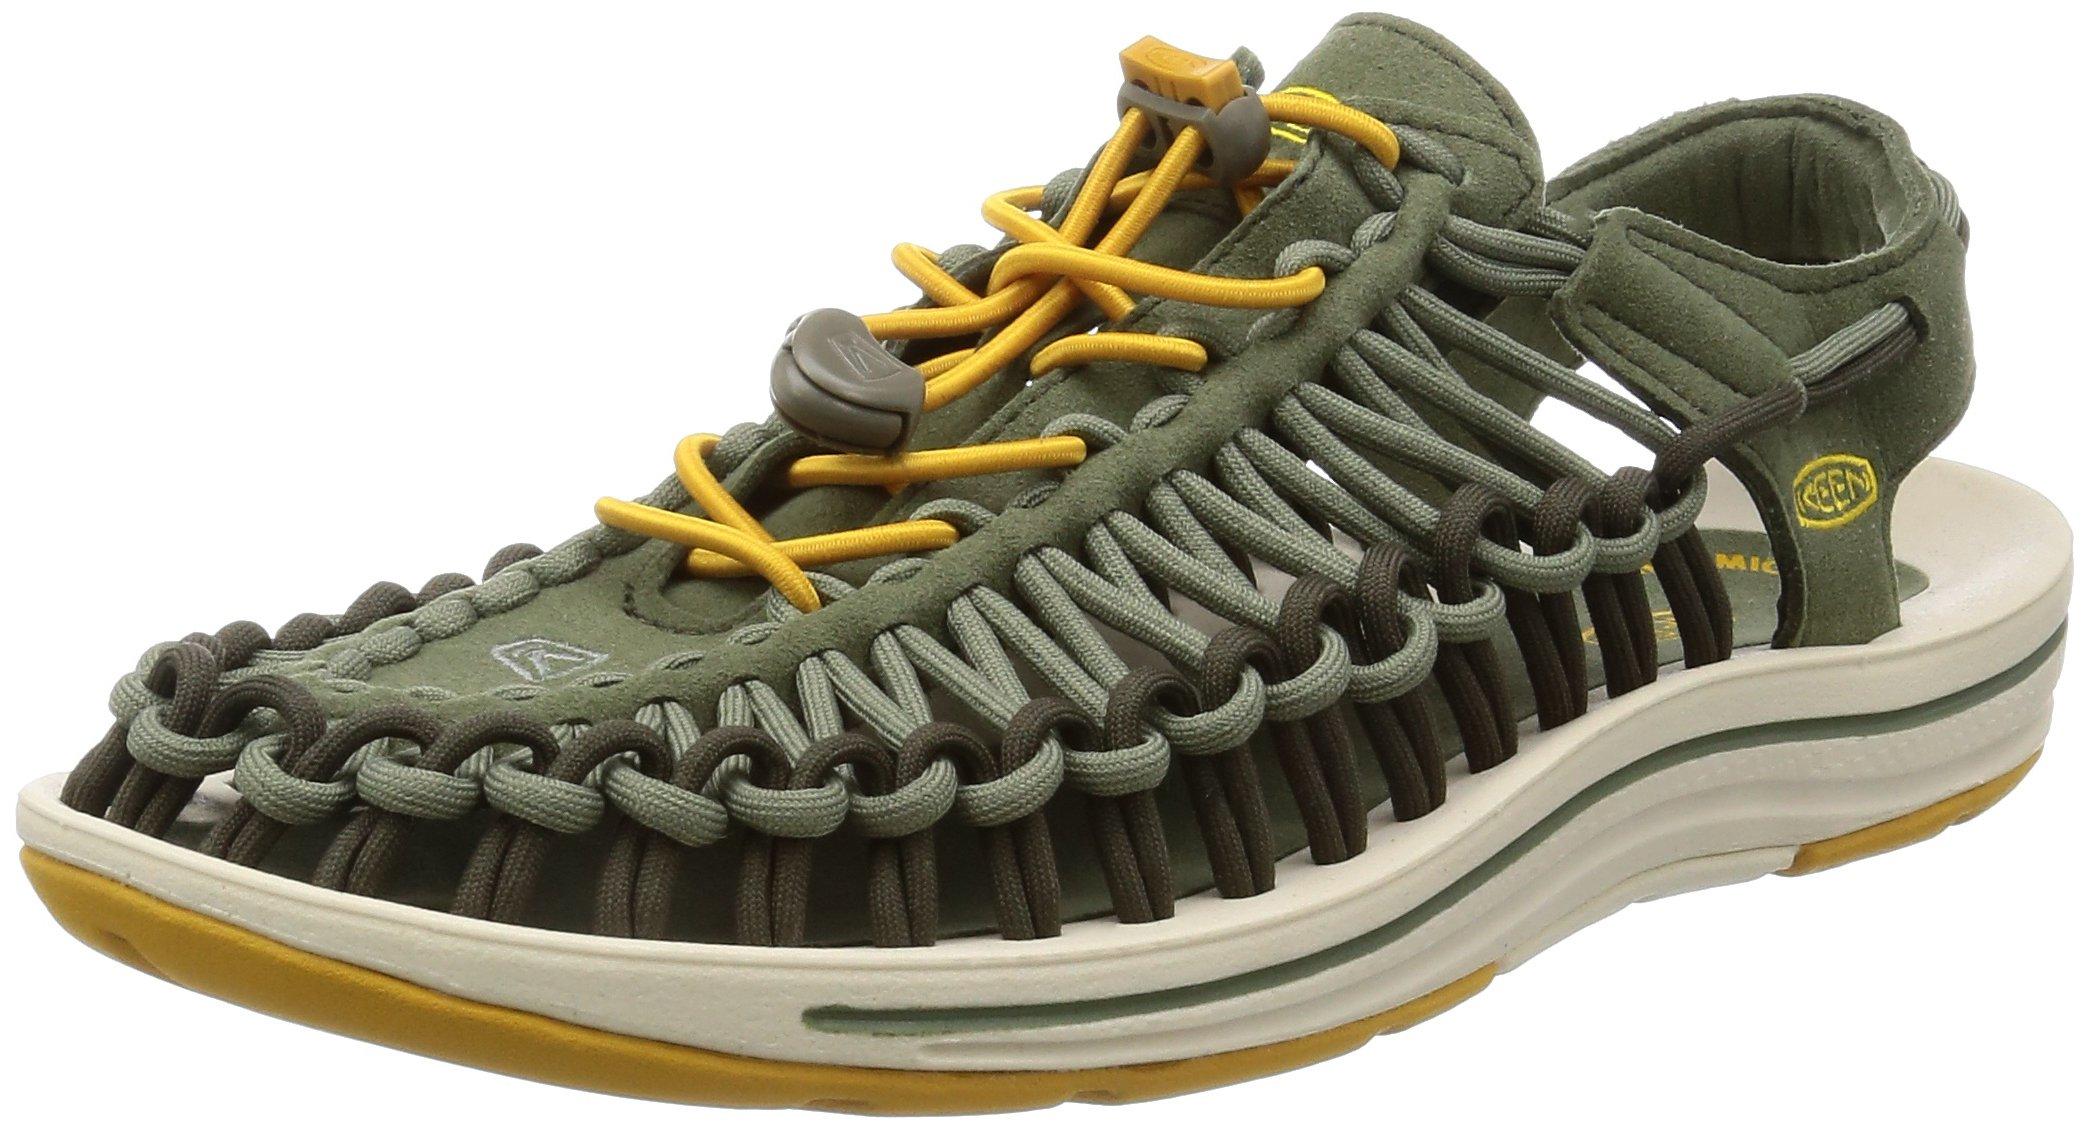 Keen Men's Uneek M Deep Nordic Walking Shoes